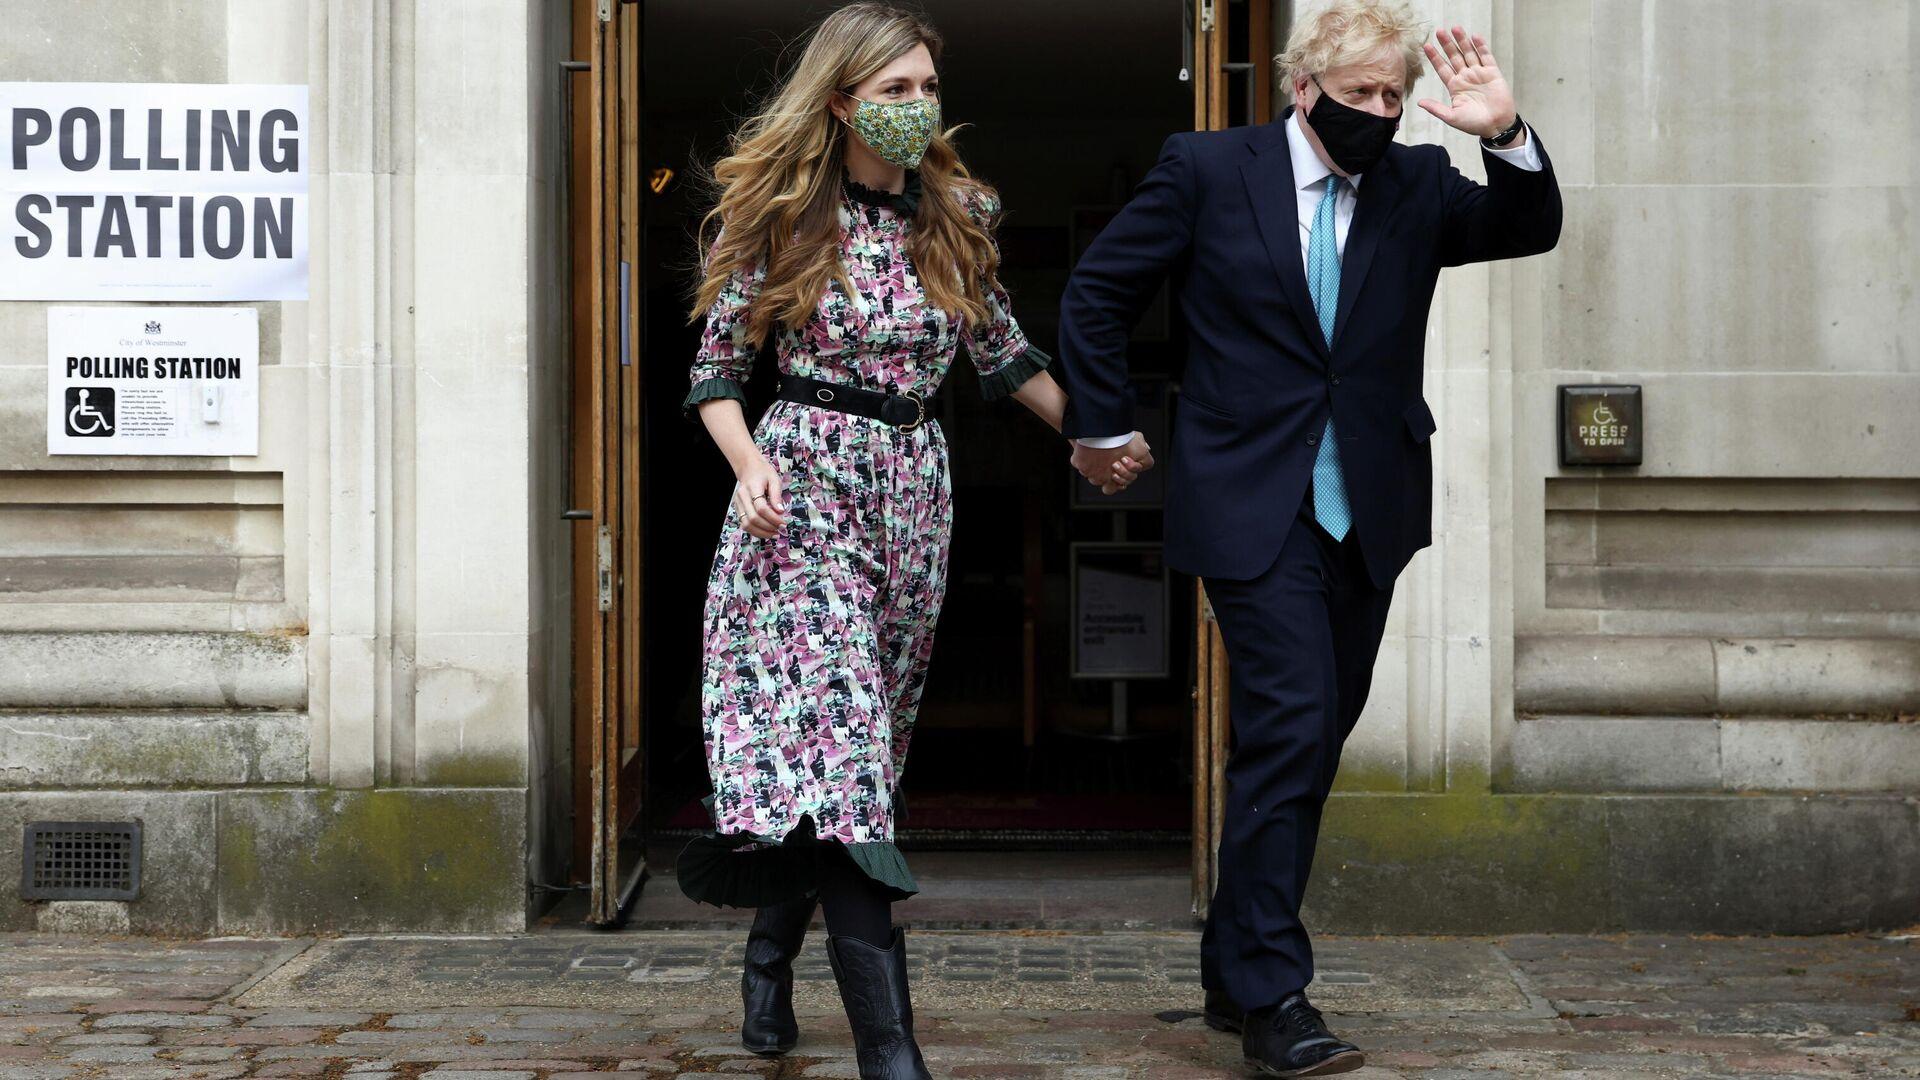 Boris Johnson, el primer ministro británico, con su prometida, Carrie Symonds, durante las elecciones en Londres, el Reino Unido, el 6 de mayo de 2021 - Sputnik Mundo, 1920, 06.05.2021